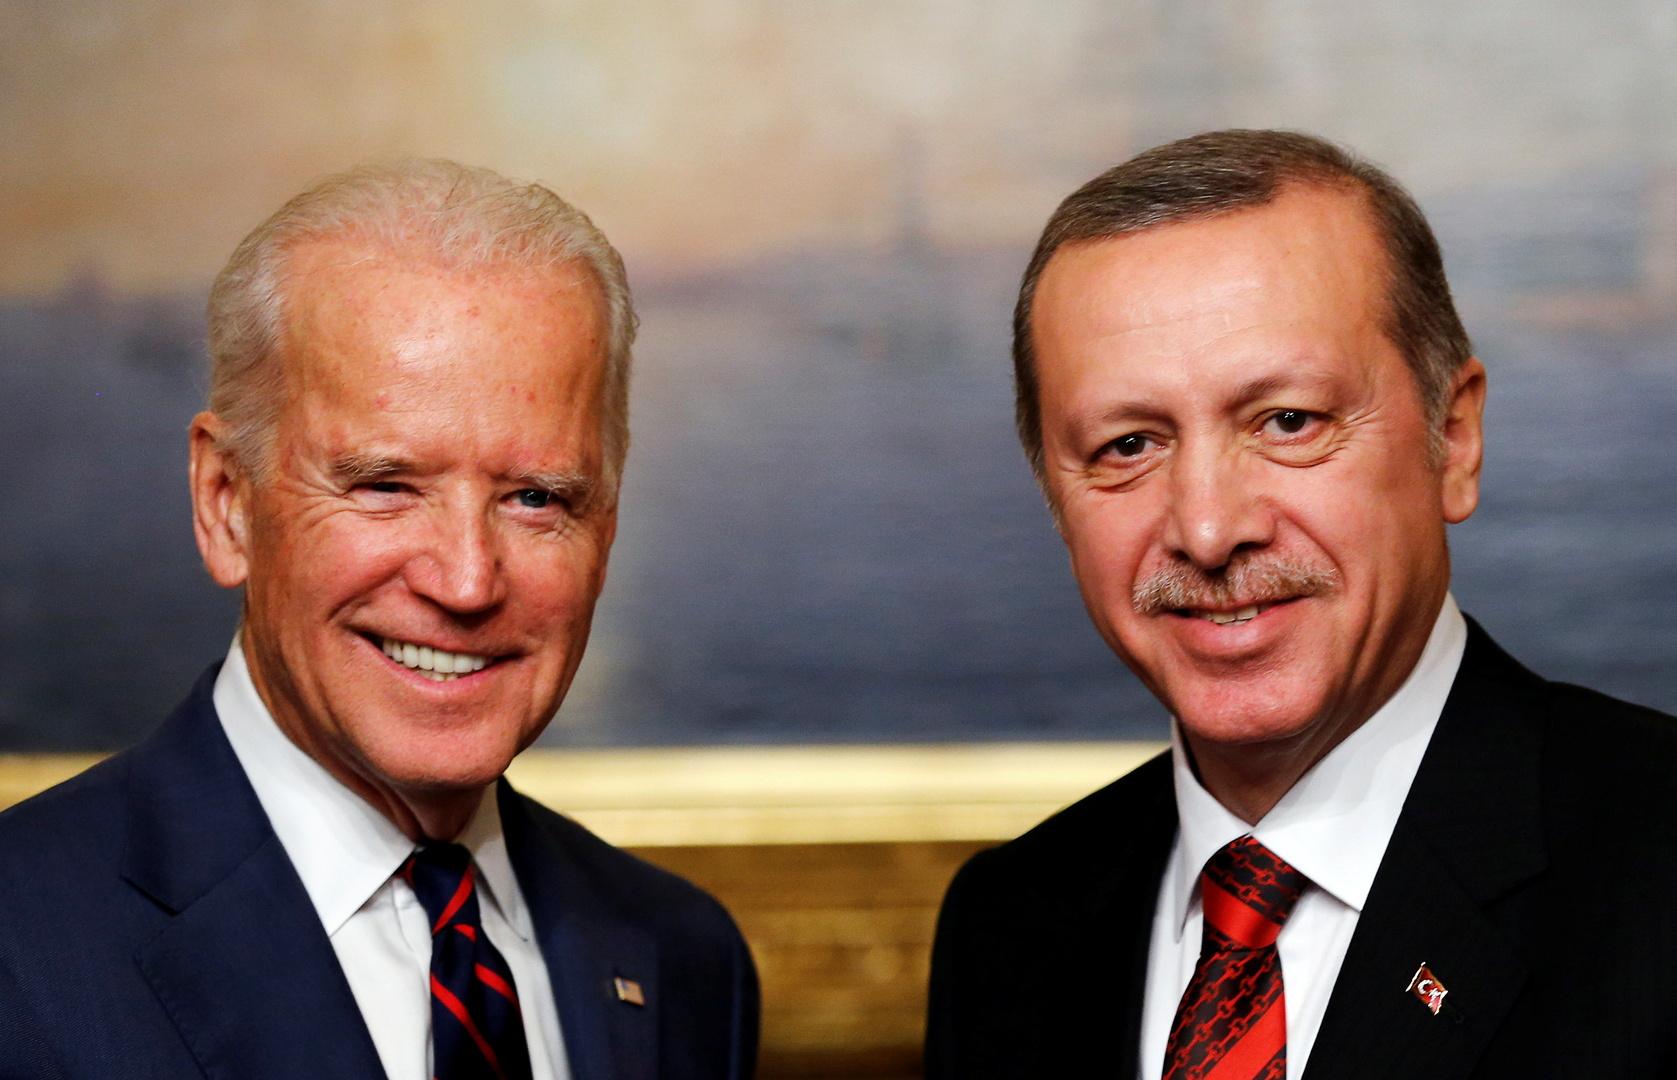 الرئيس الأمريكي جو بايدن ونظيره التركي رجب طيب أردوغان